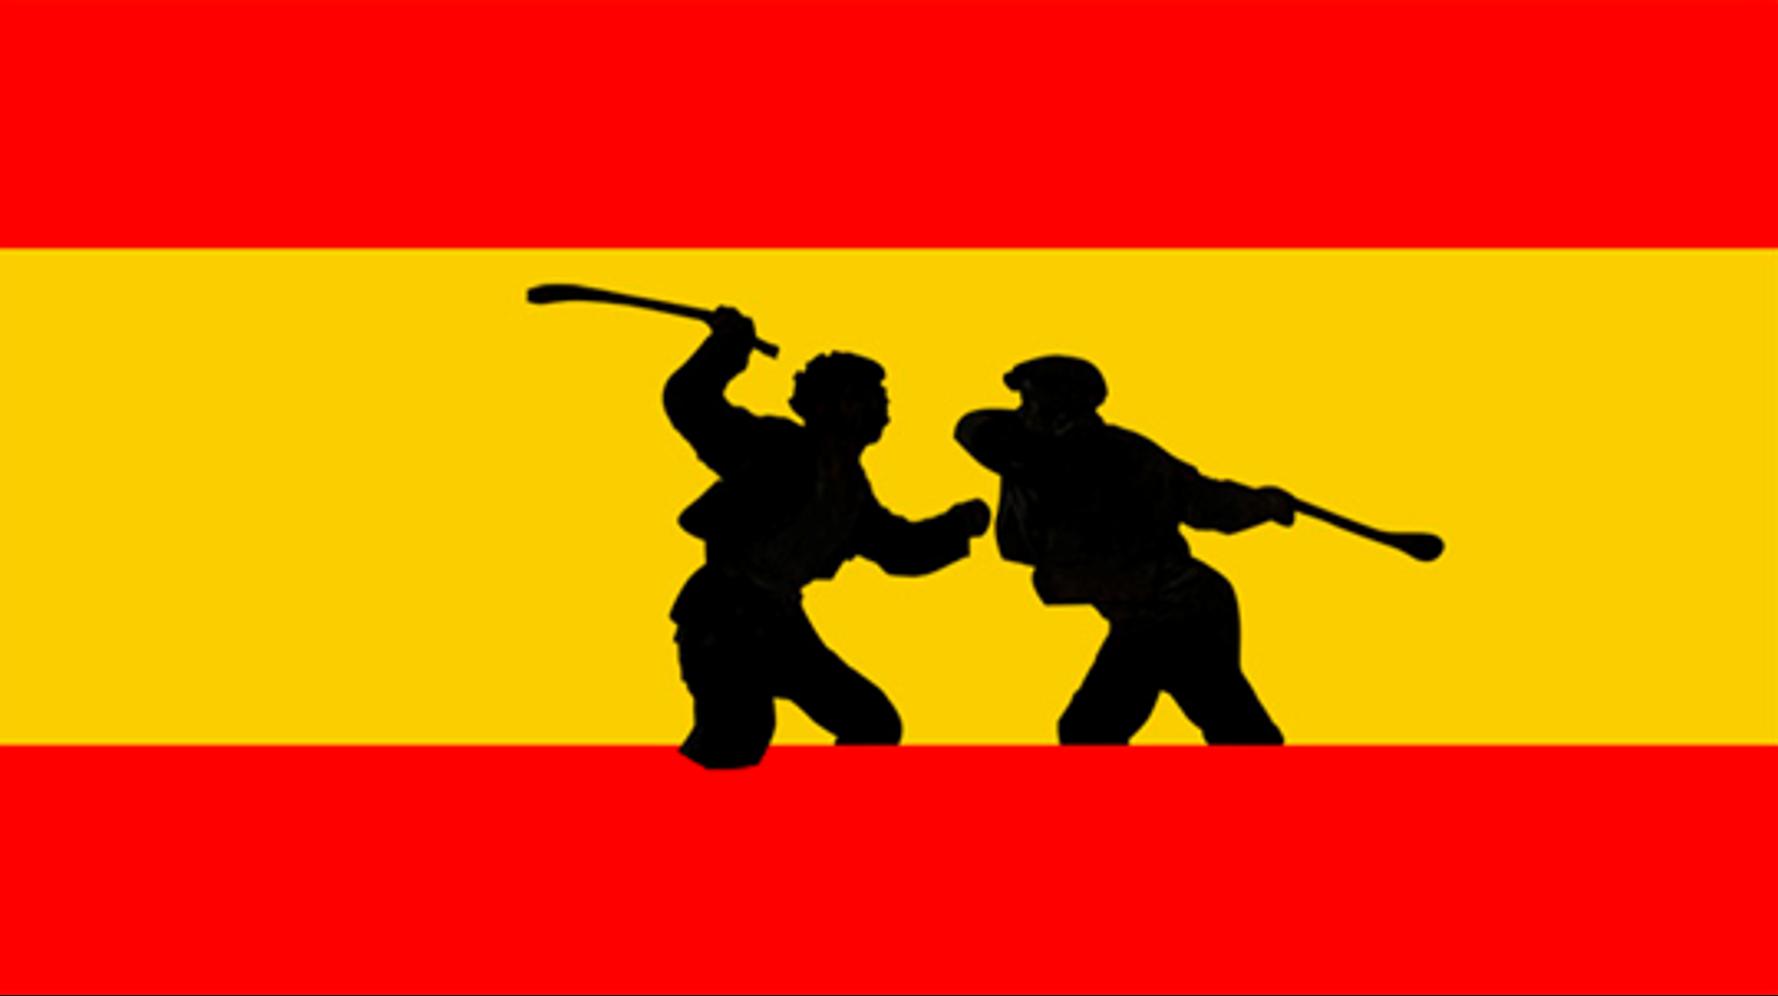 Cainismo español